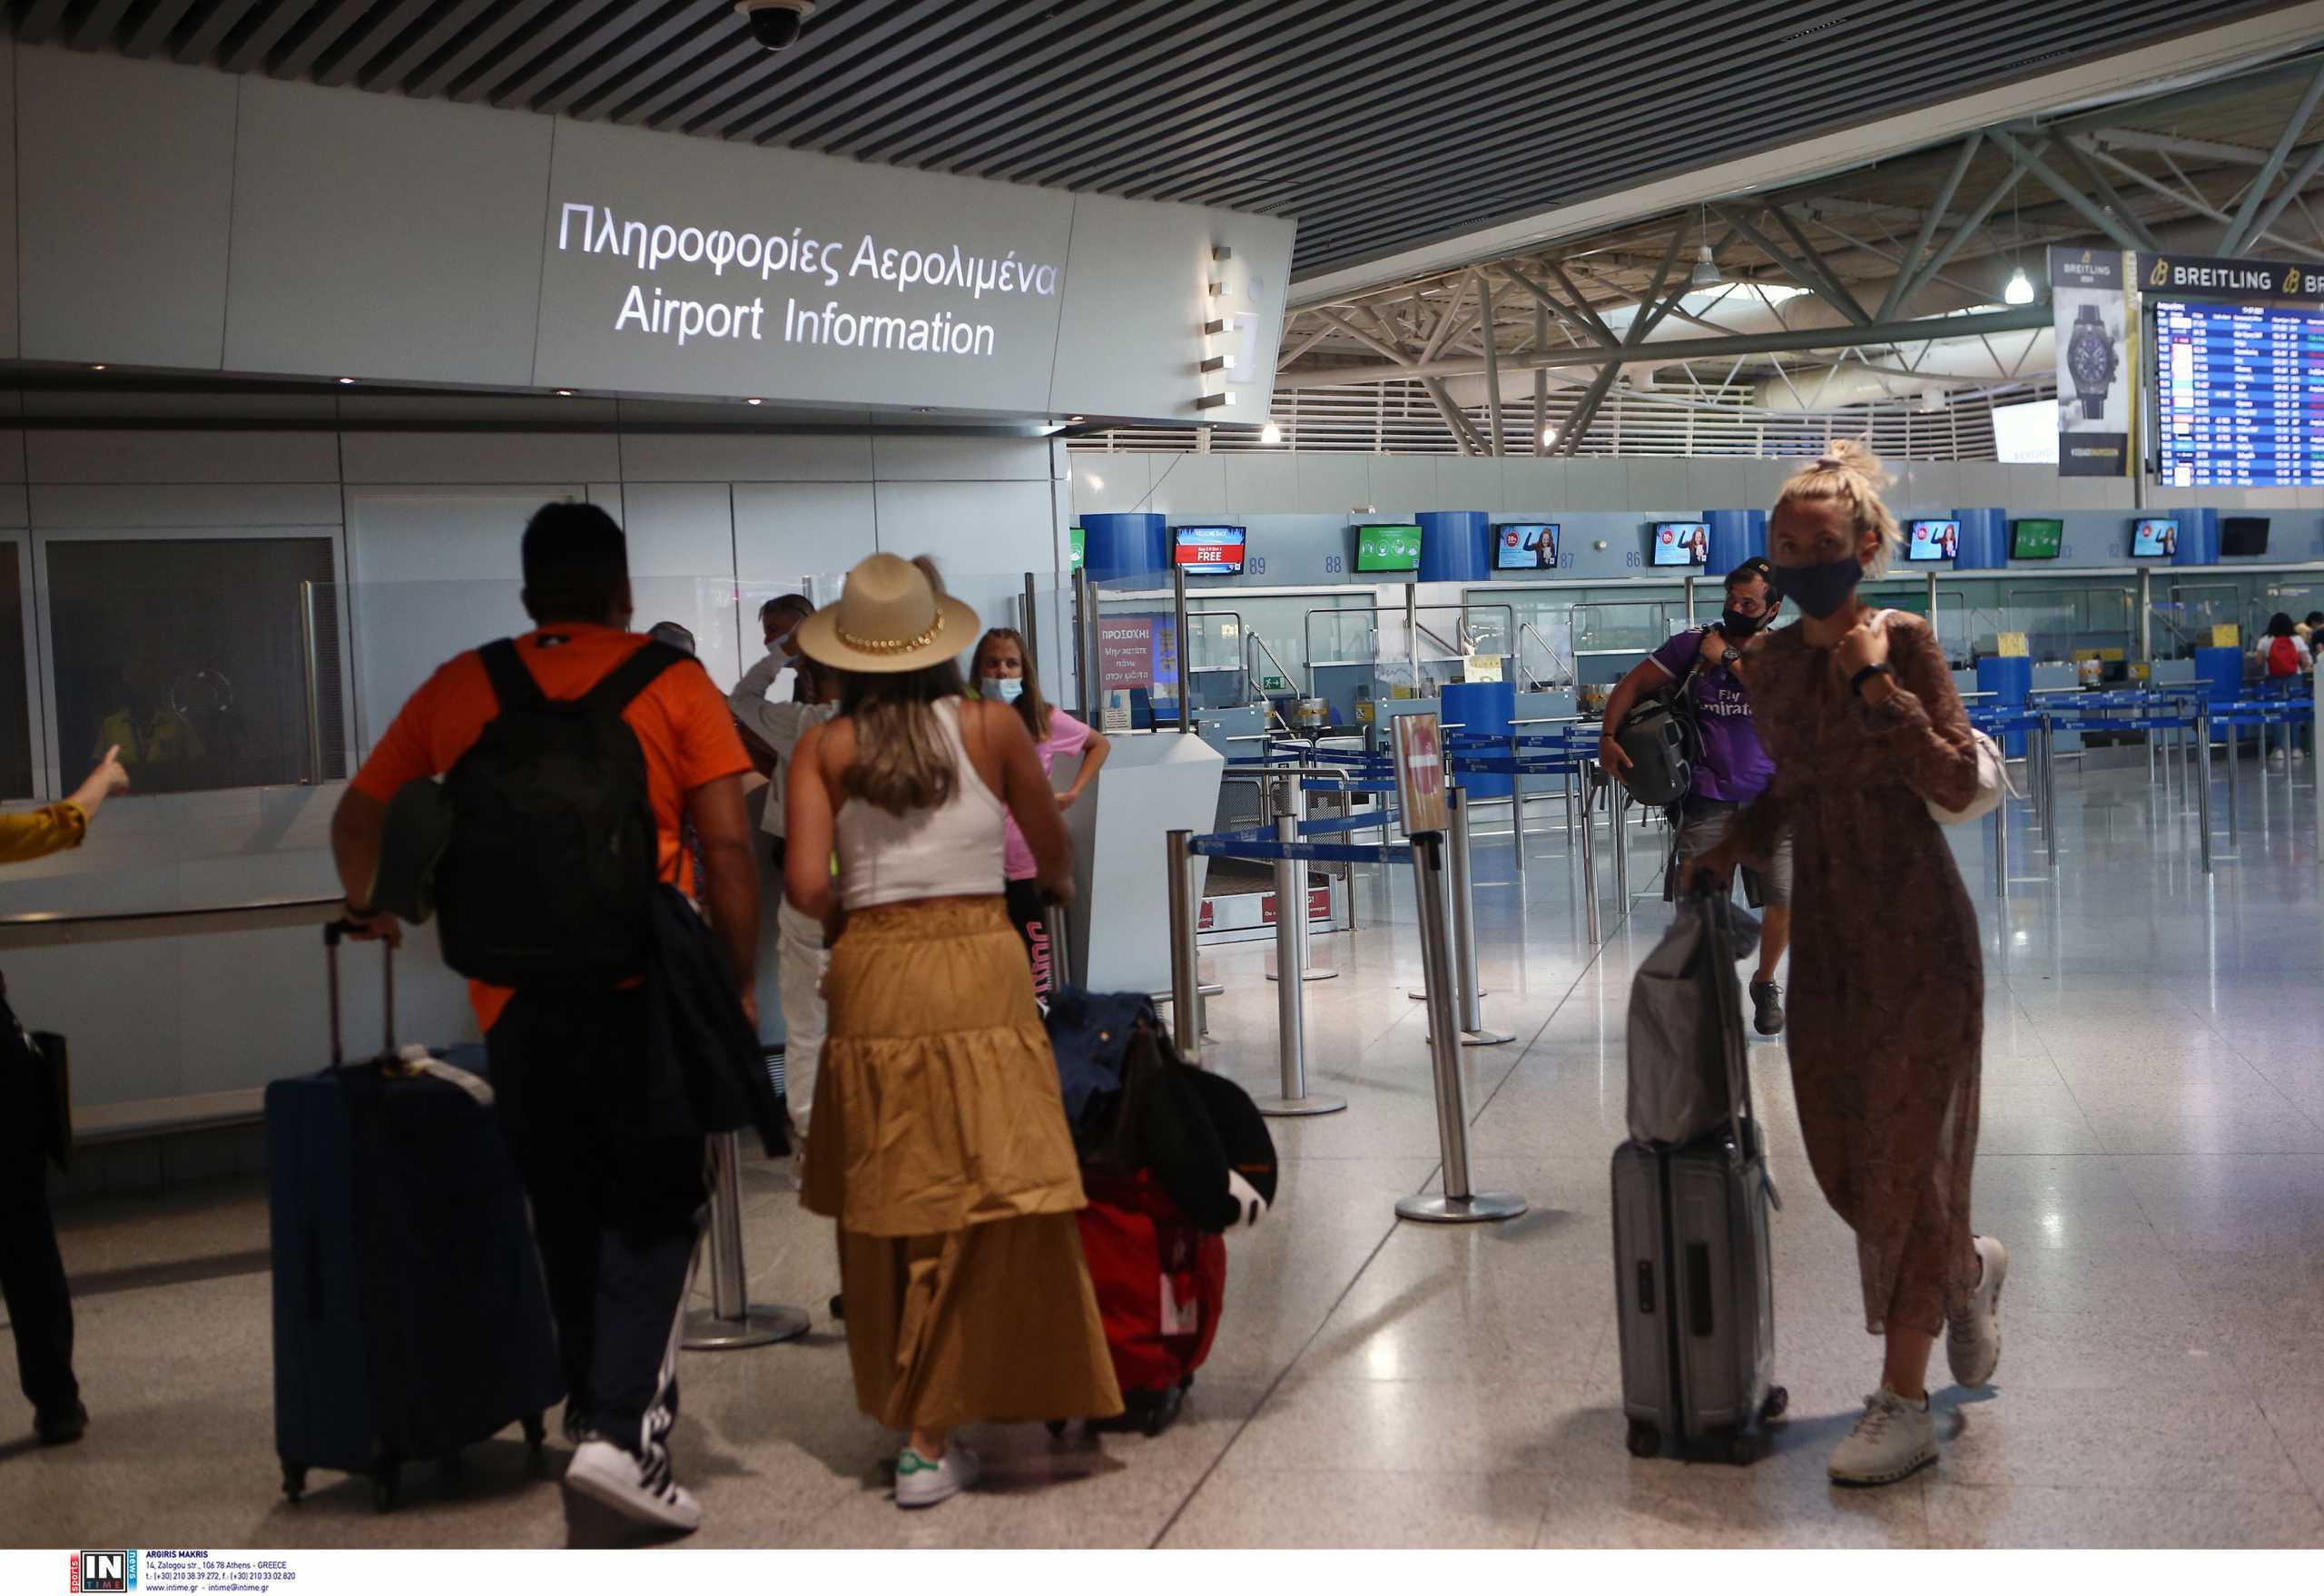 Κορονοϊός – ΥΠΑ: Υποχρεωτικό τεστ στην άφιξη για ανεμβολίαστους ταξιδιώτες από 16 χώρες